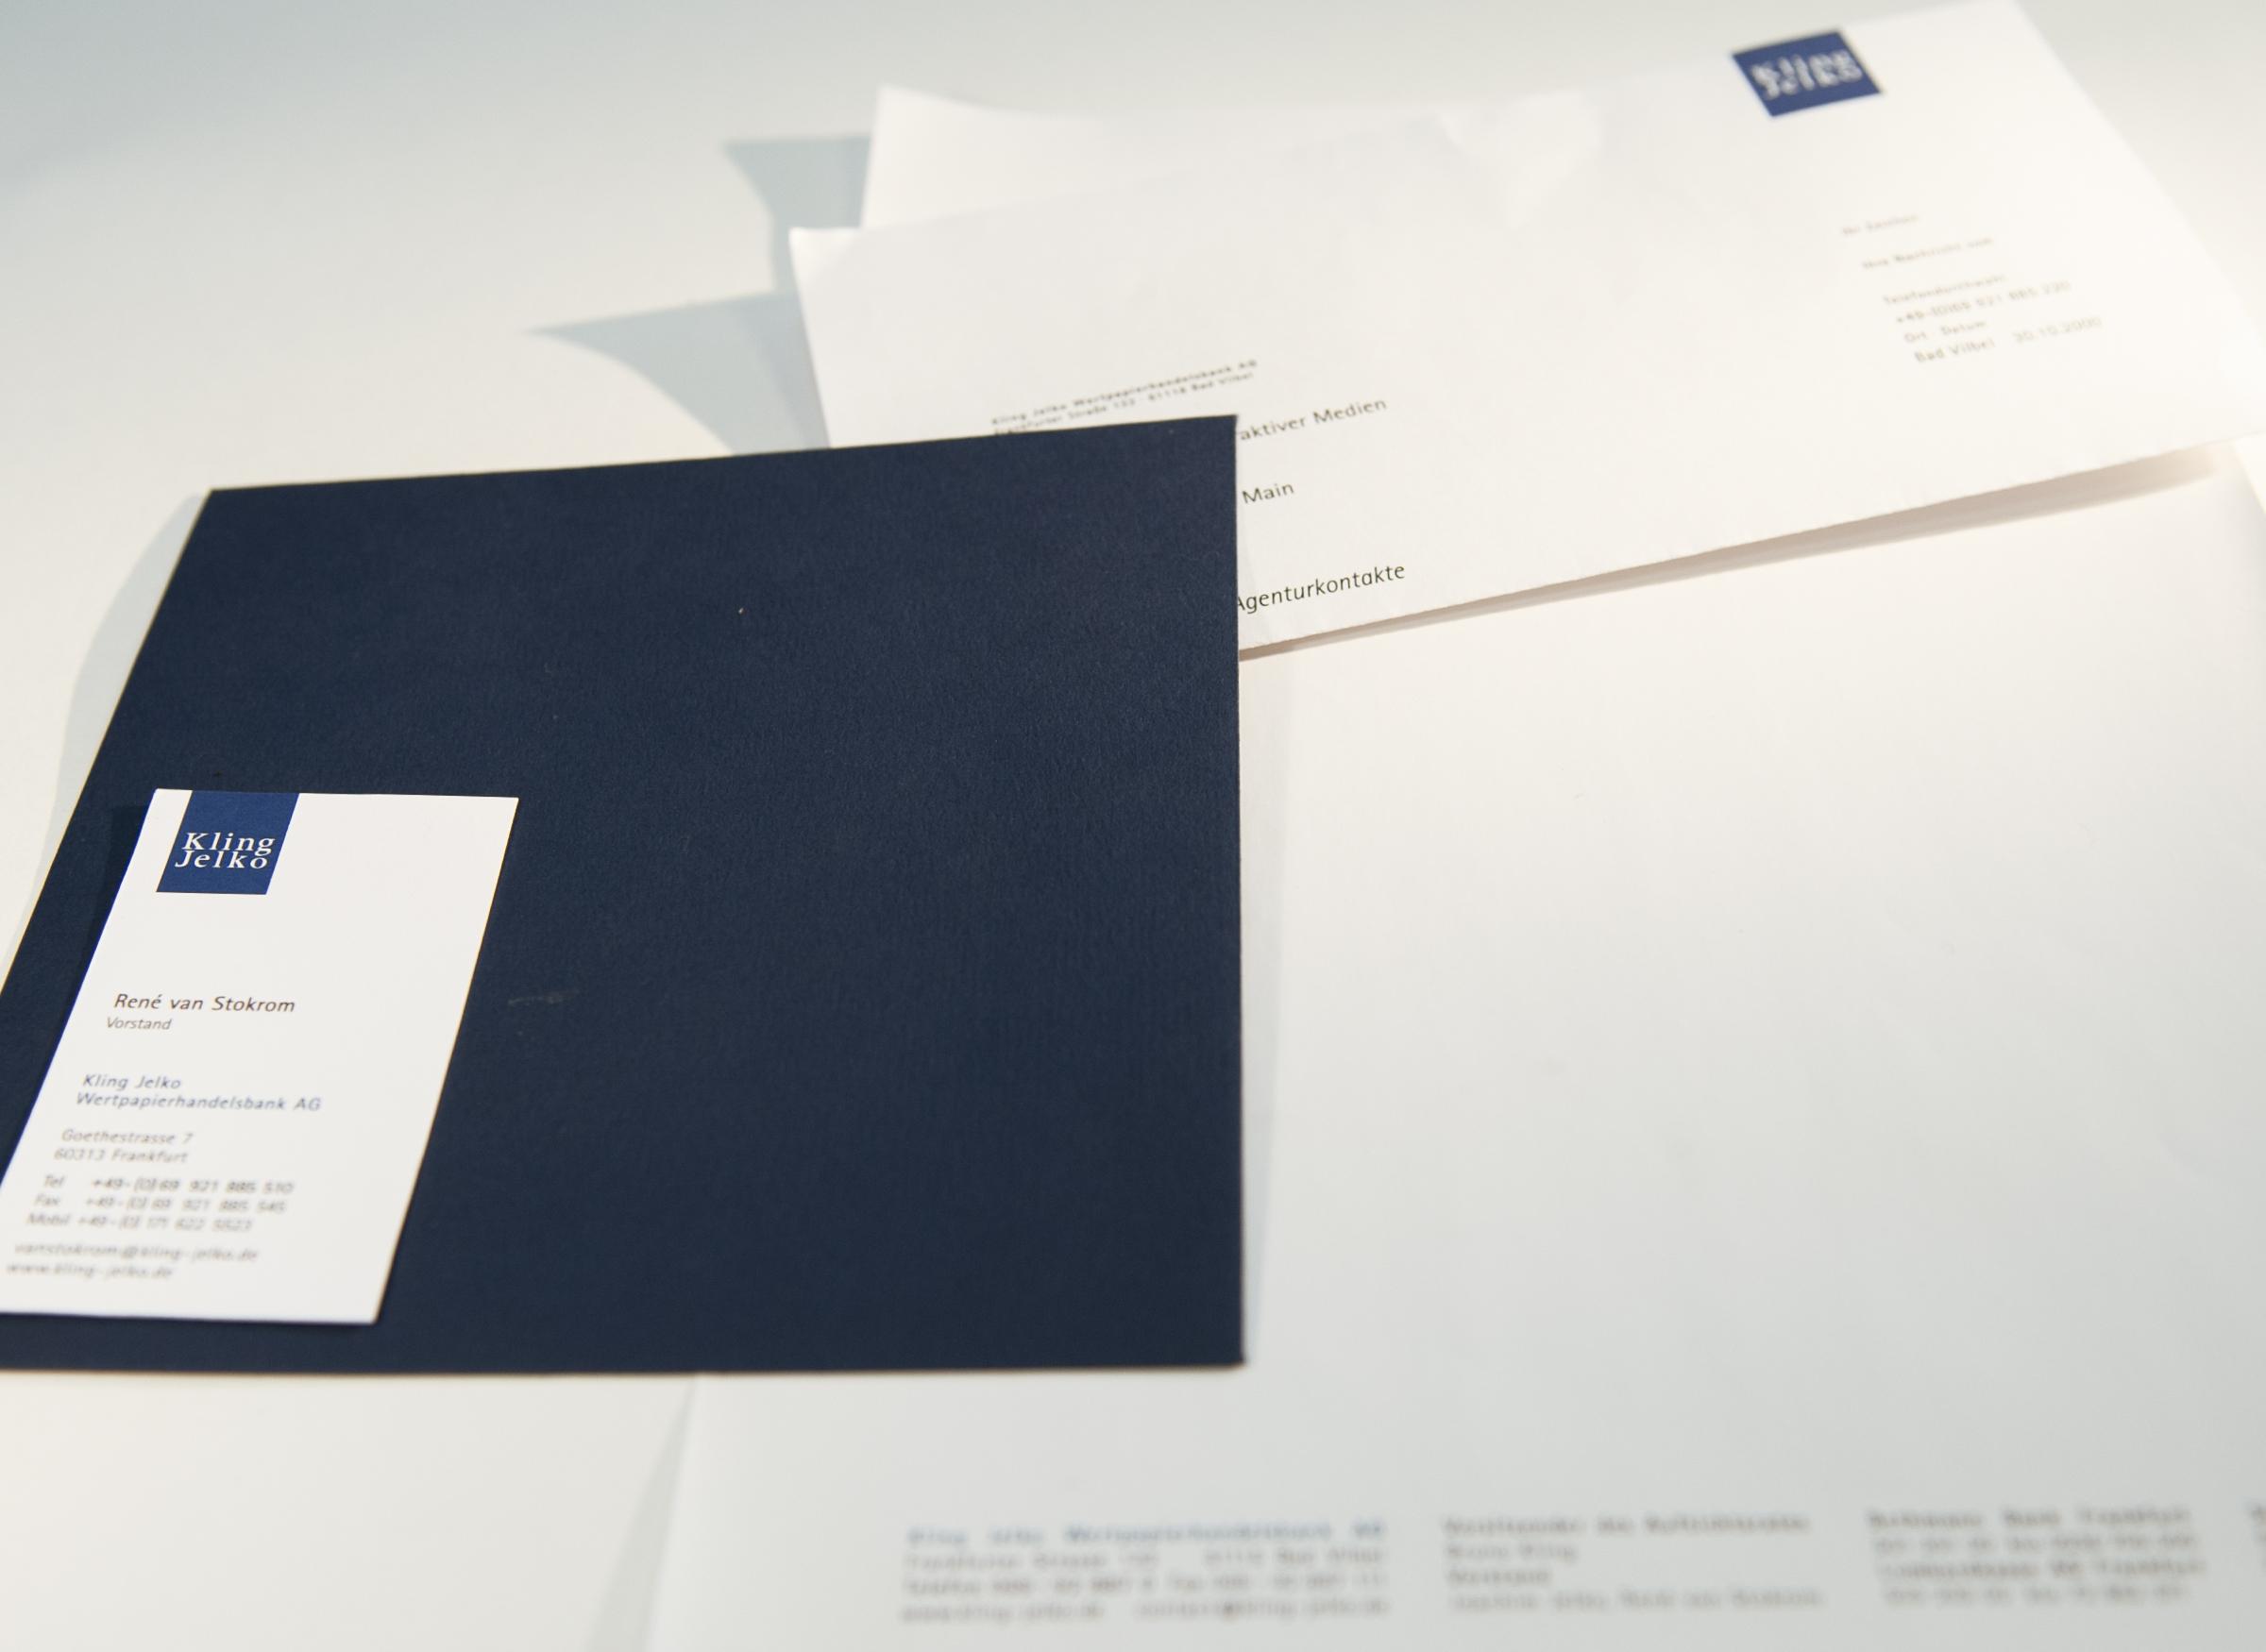 Briefpapier und Visitenkarte